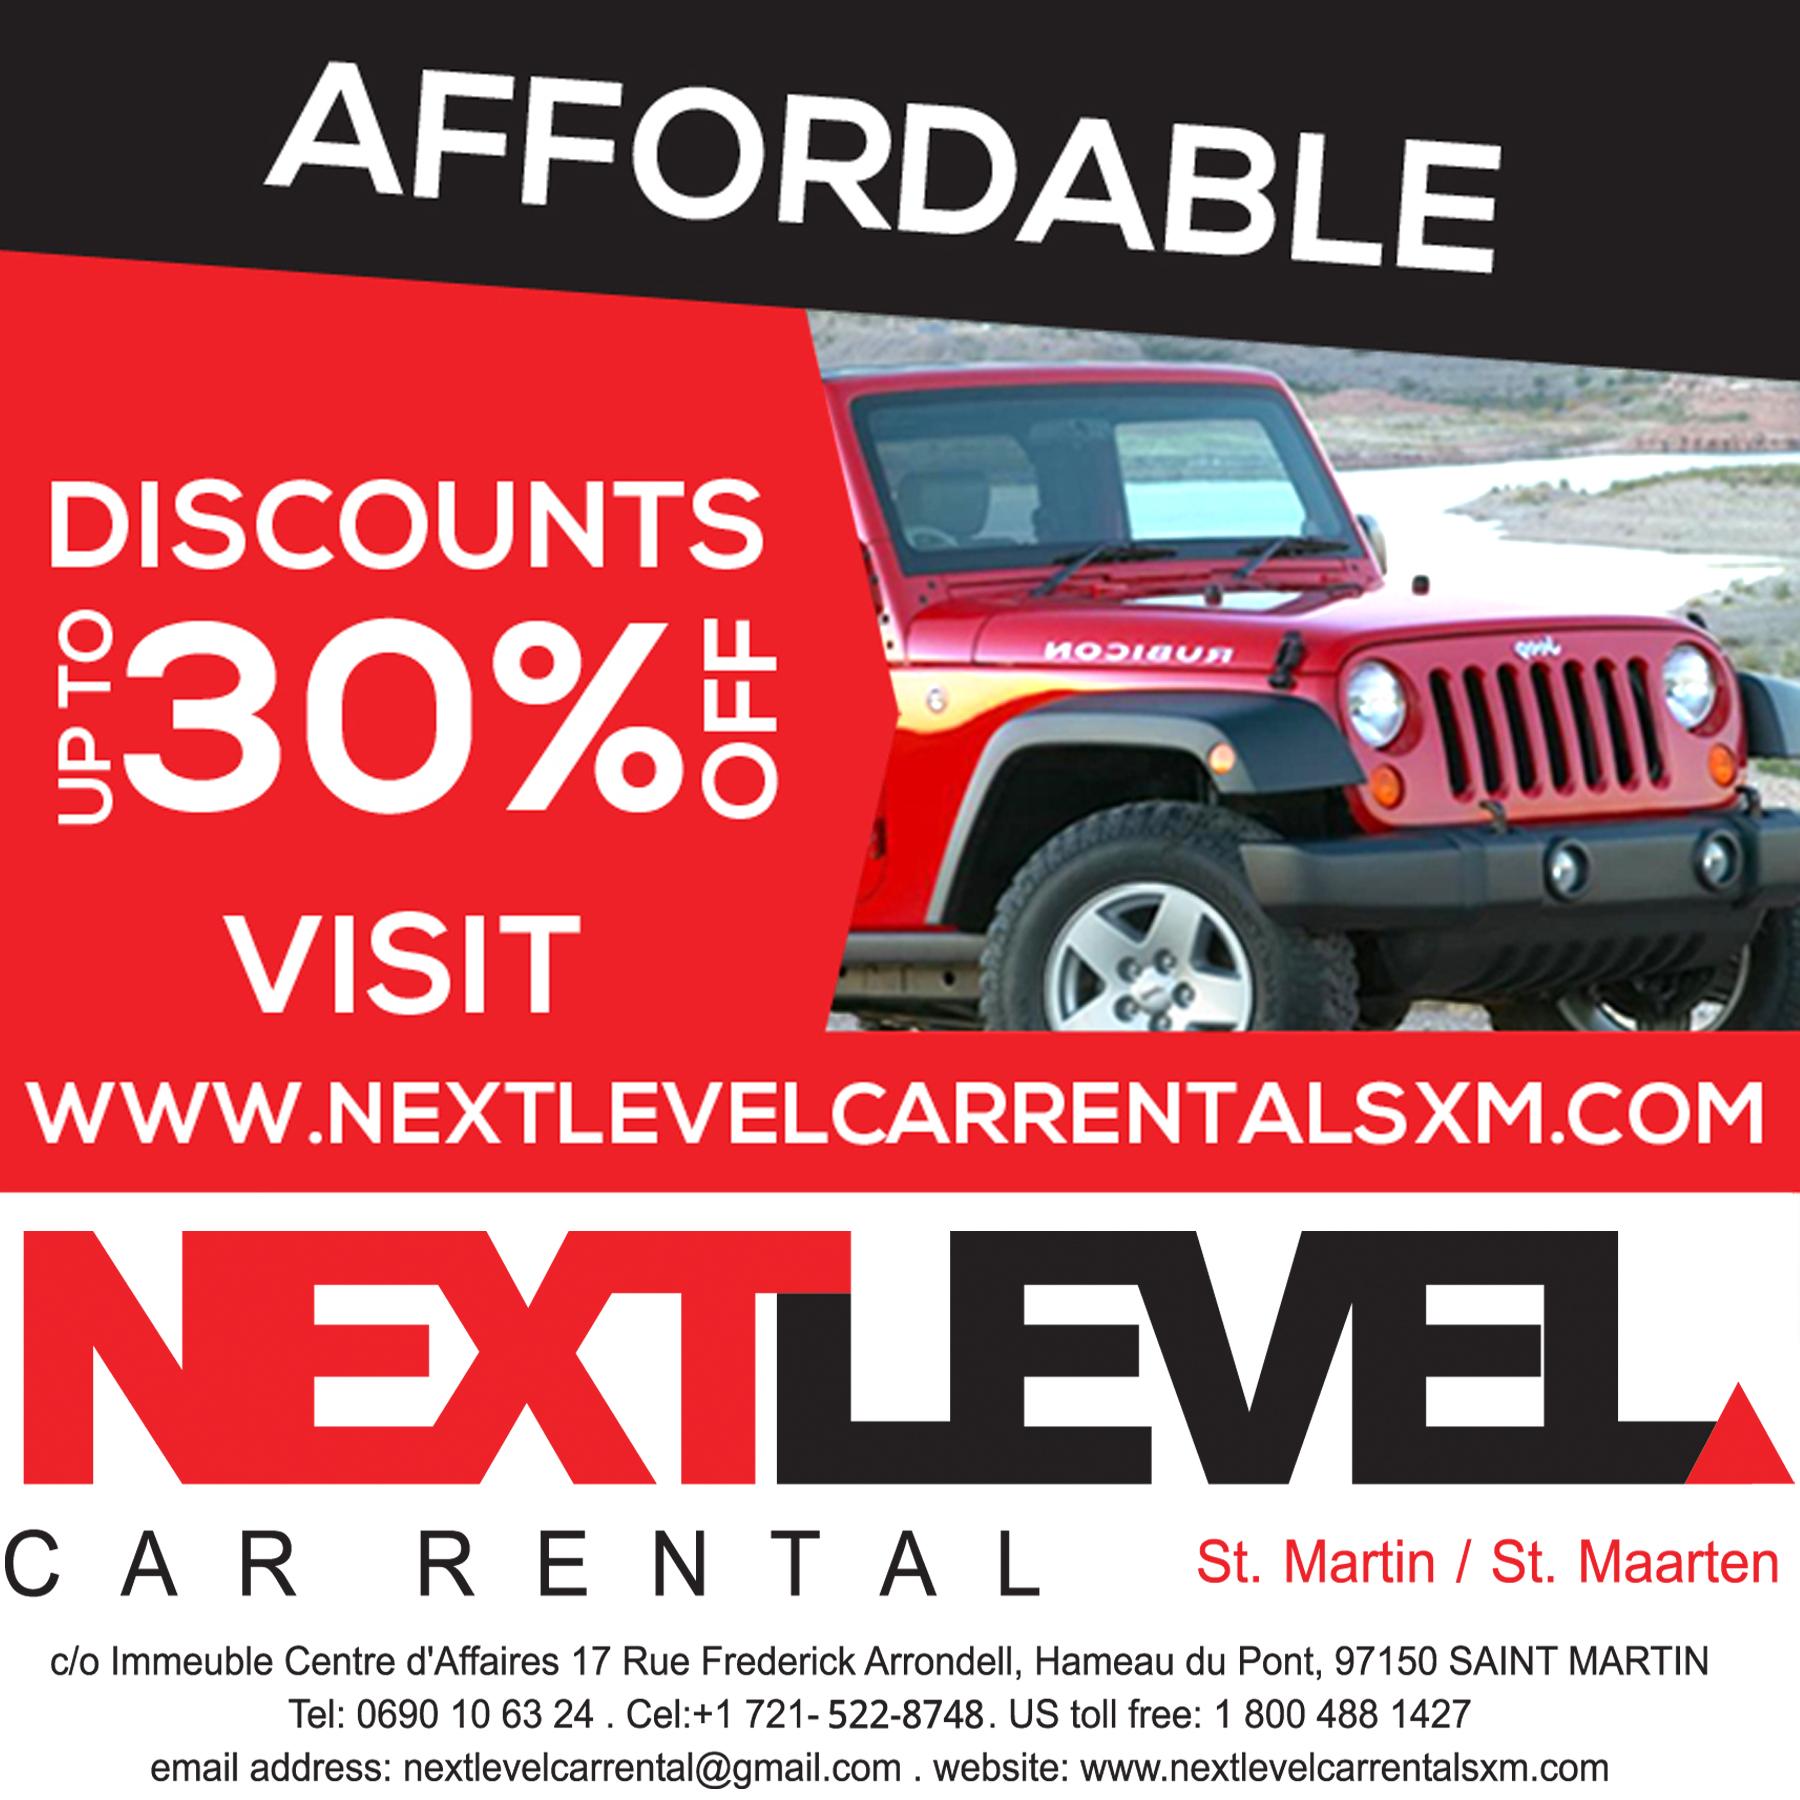 Next Level Car Rental flyer